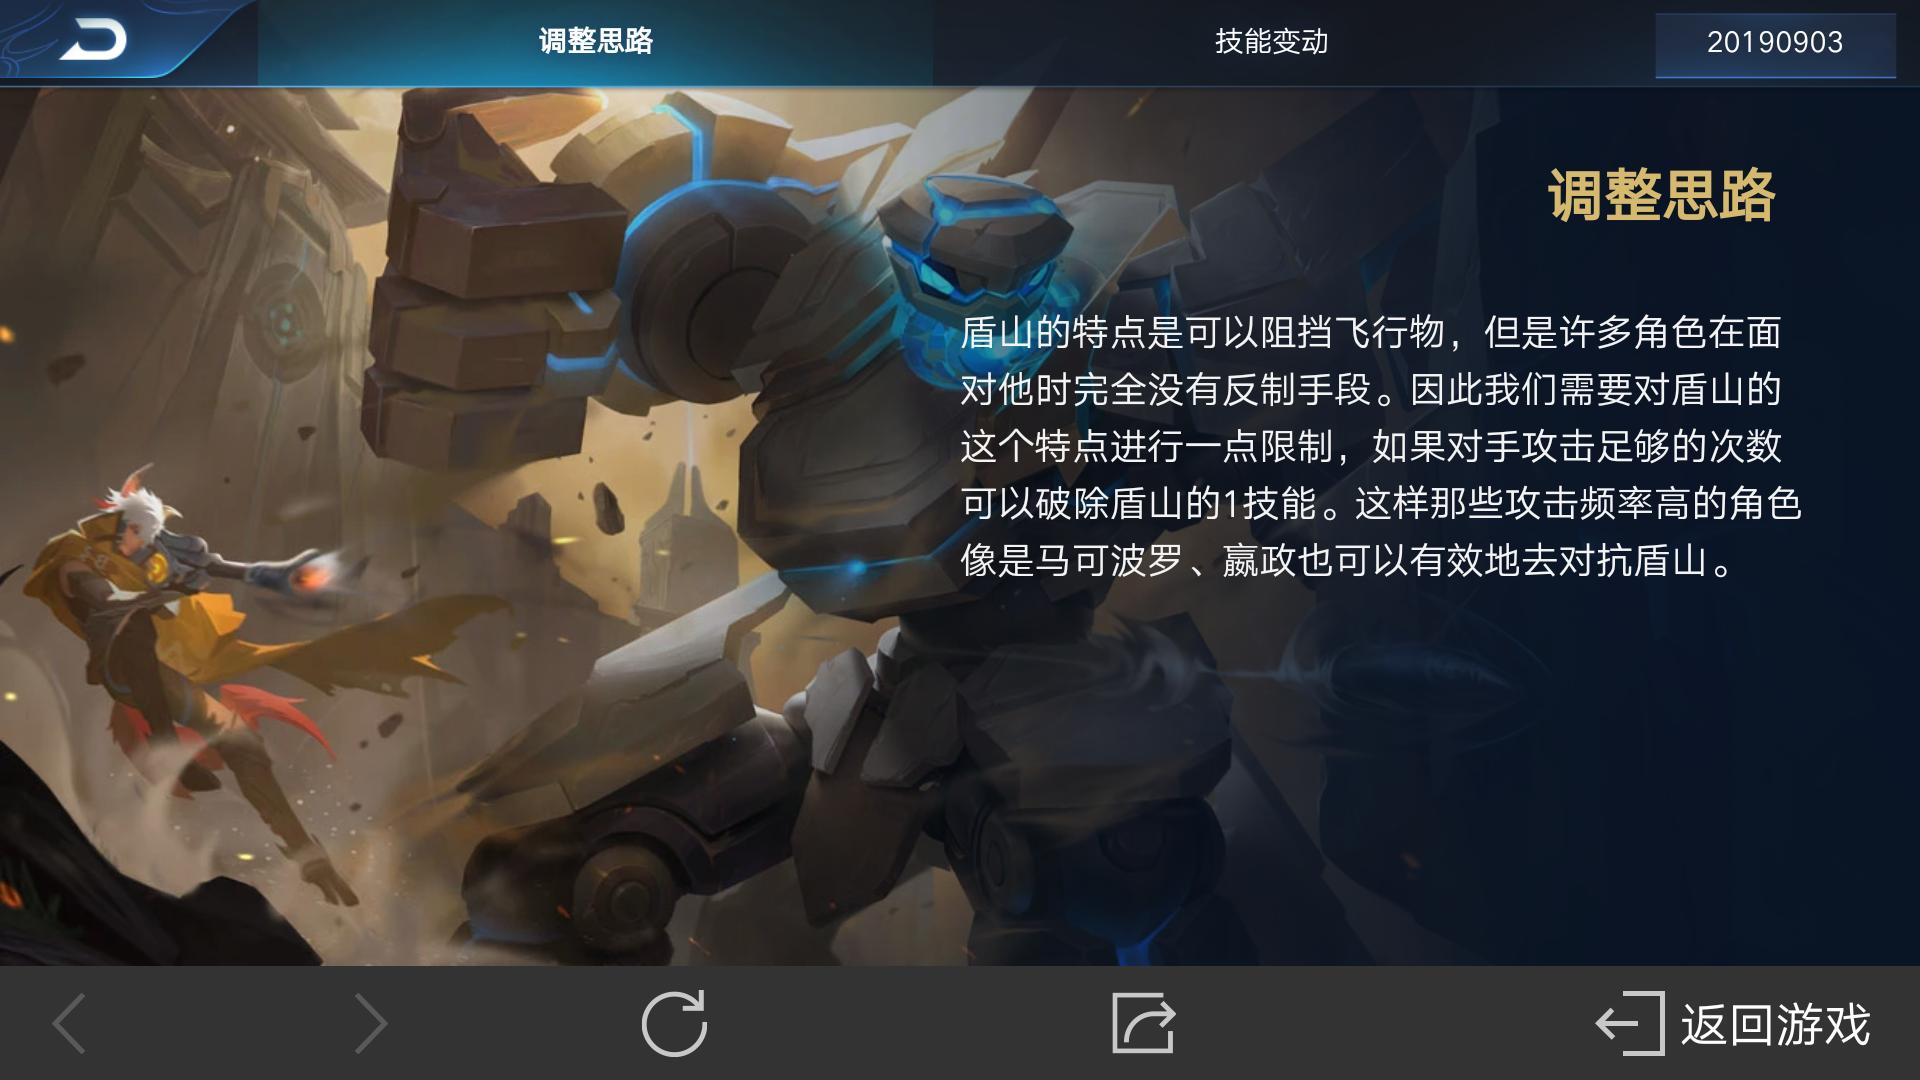 新版本介绍:王者荣耀s16赛季英雄有哪些调整